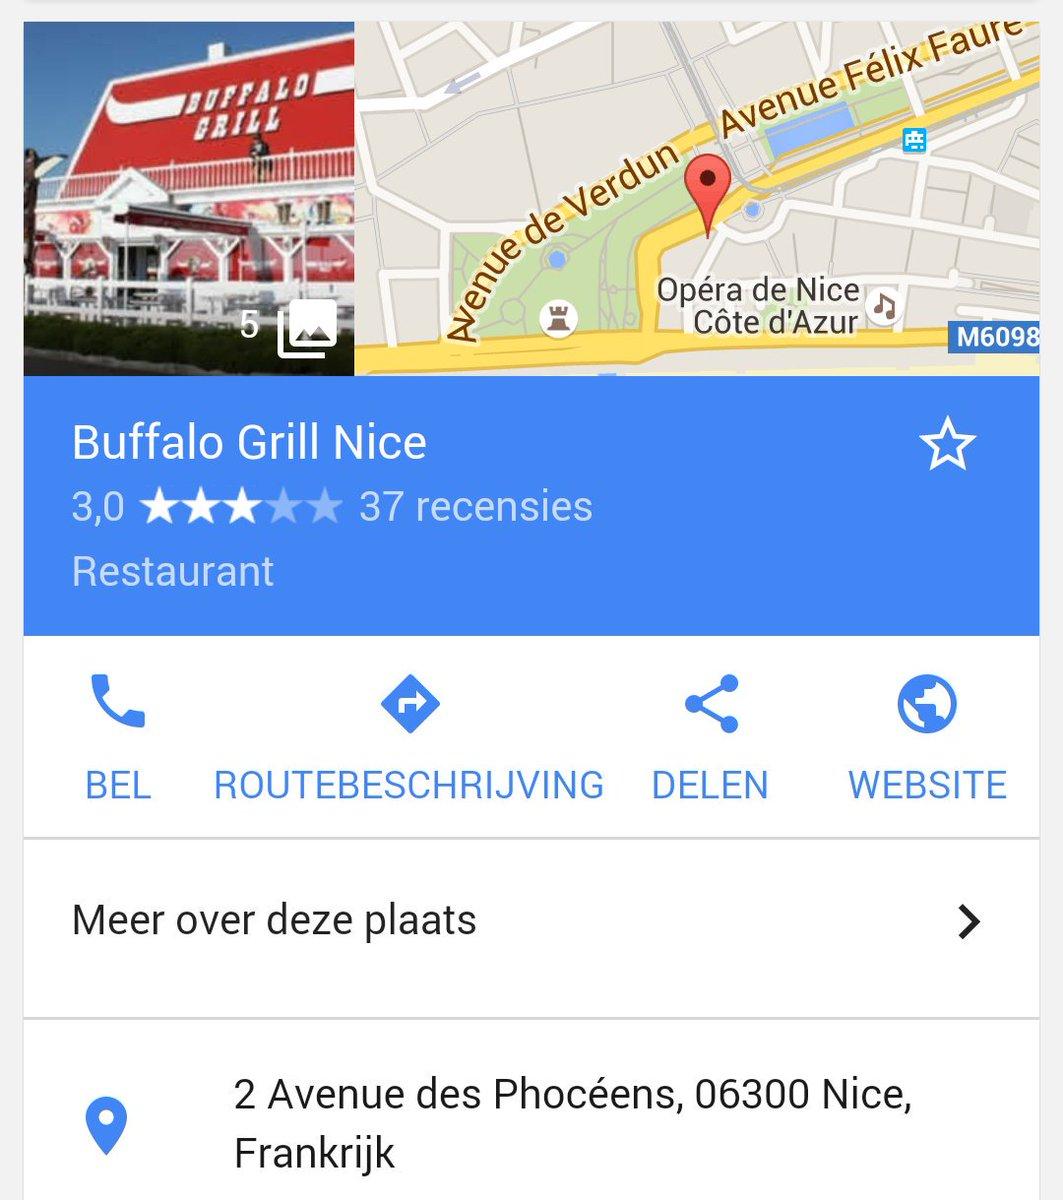 Verschillende onbevestigde berichten nu over een gijzeling die aan de gang is in restaurant Buffalo Grill in #Nice https://t.co/ZfhLbChoXU